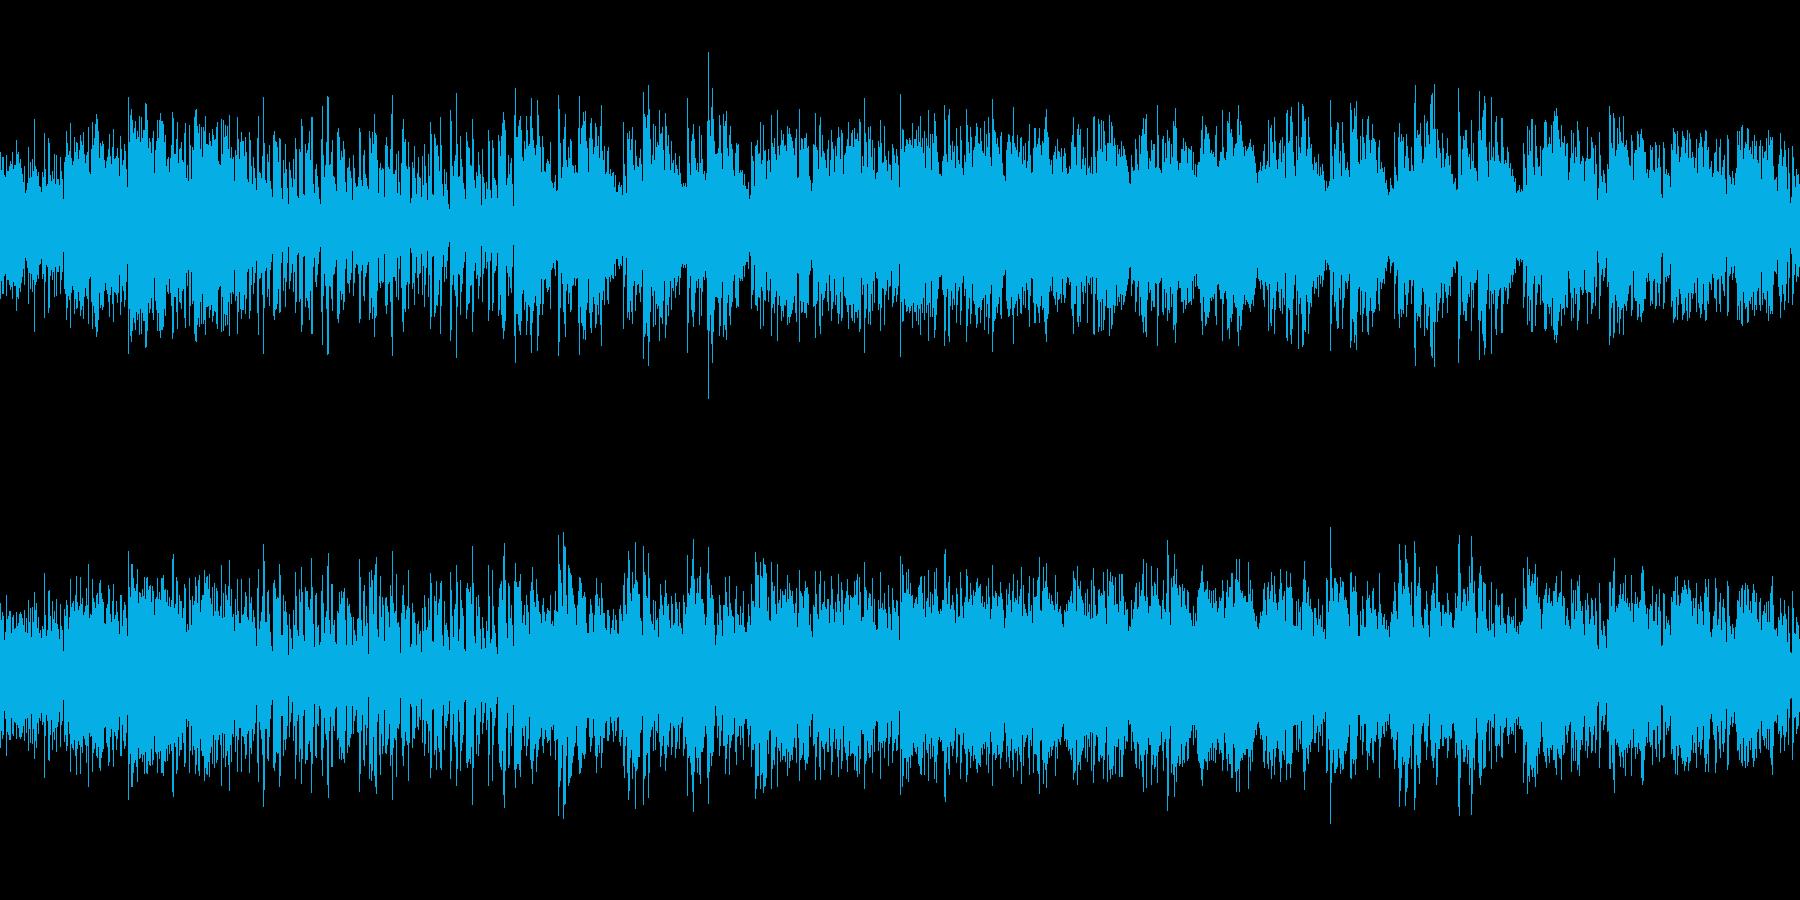 確信に迫る雰囲気のダークなシンセループの再生済みの波形